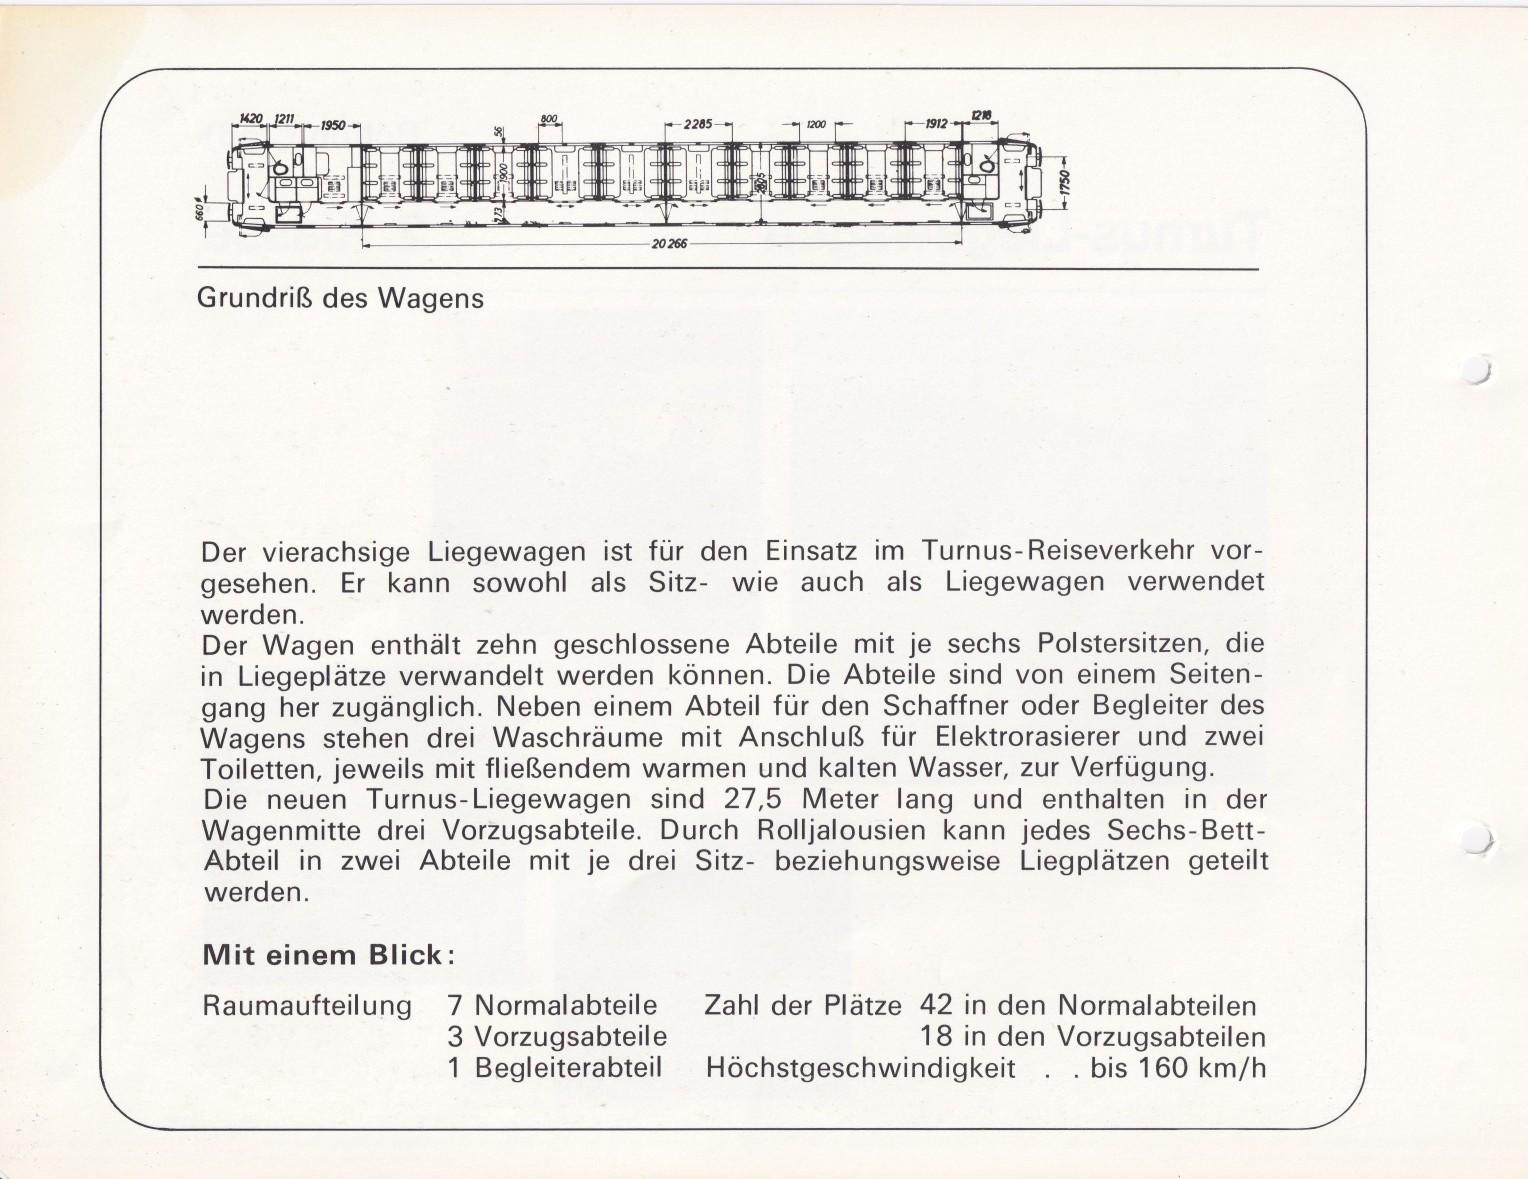 https://www.nullclub.de/hifo/Fahrzeuglexikon/Wagen40b.jpg